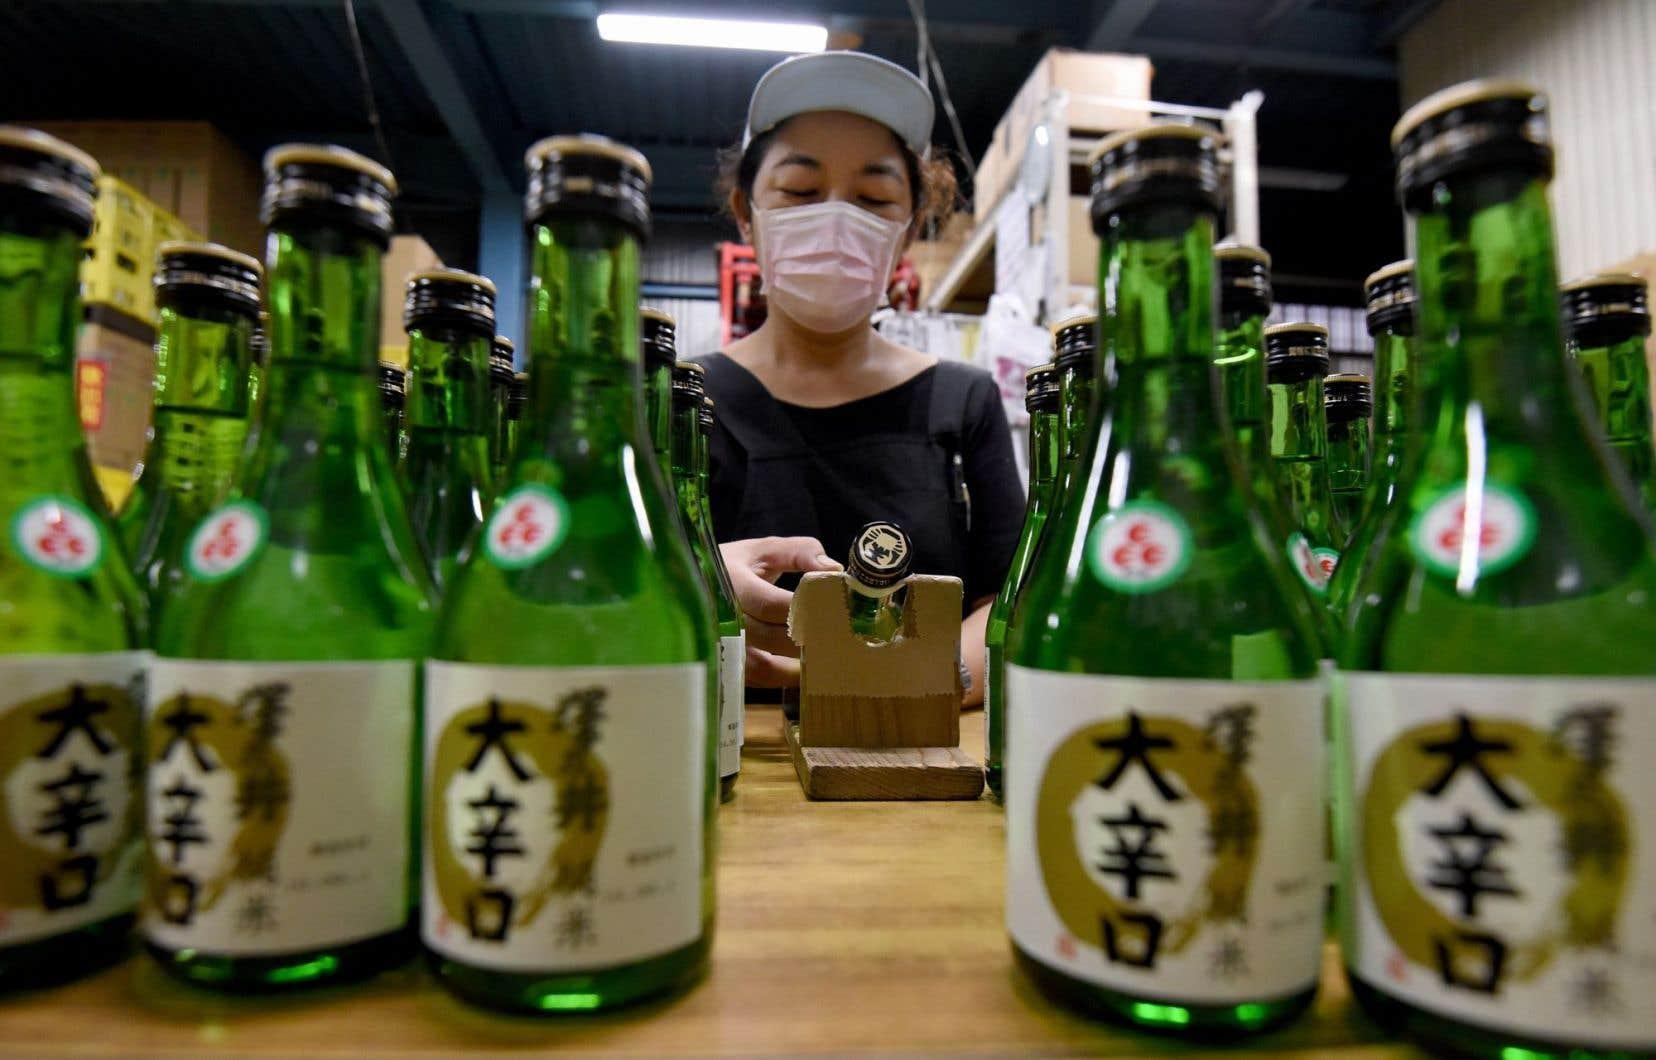 Une employée de la brasserie Ozawa Shuzo applique des étiquettes sur des bouteilles de saké.